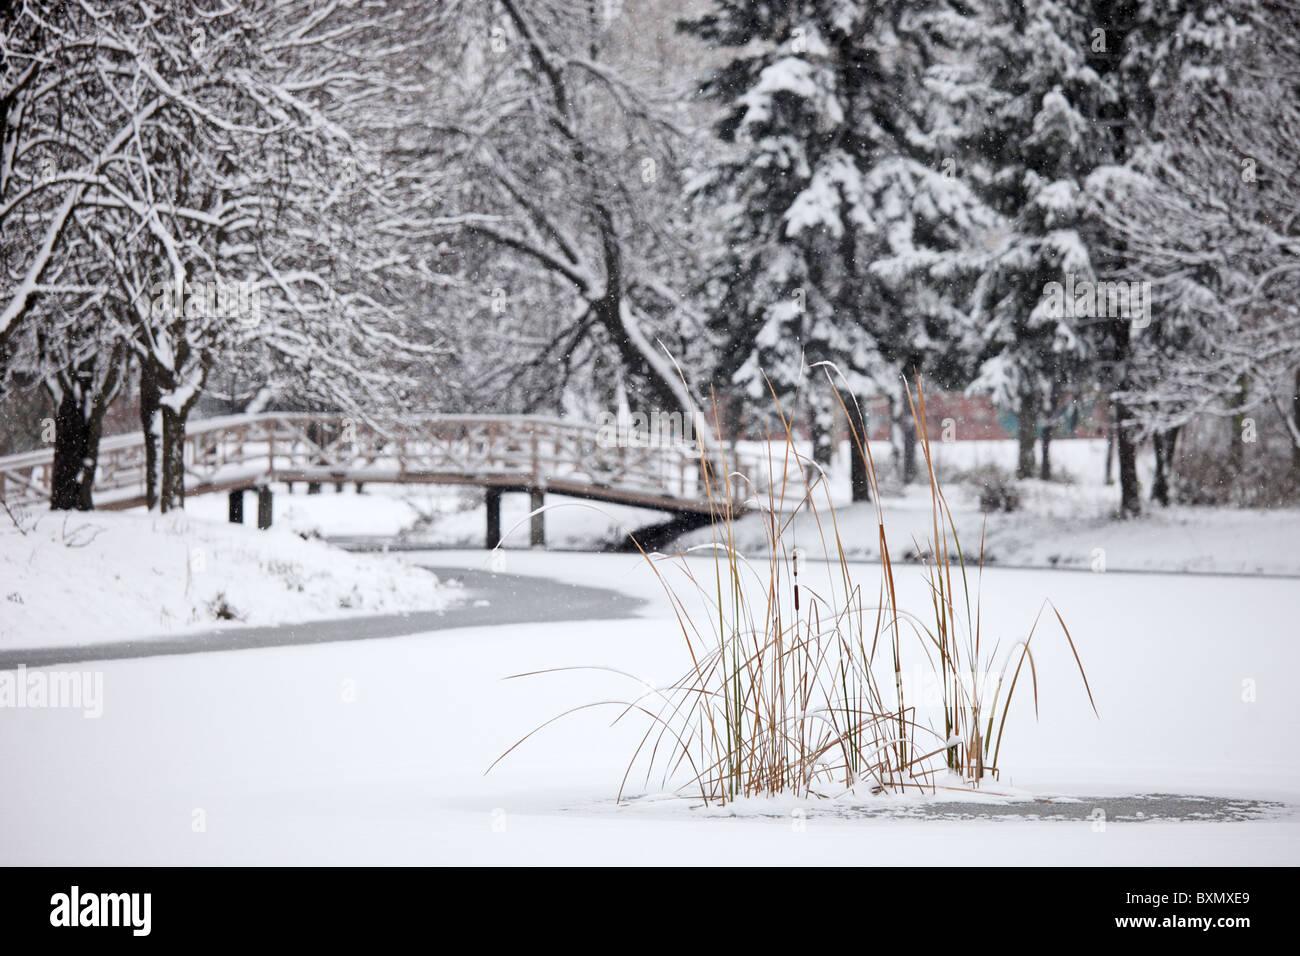 Ein Winter-Szene aus dem gefrorenen See im Stadtpark Skopje Stockbild